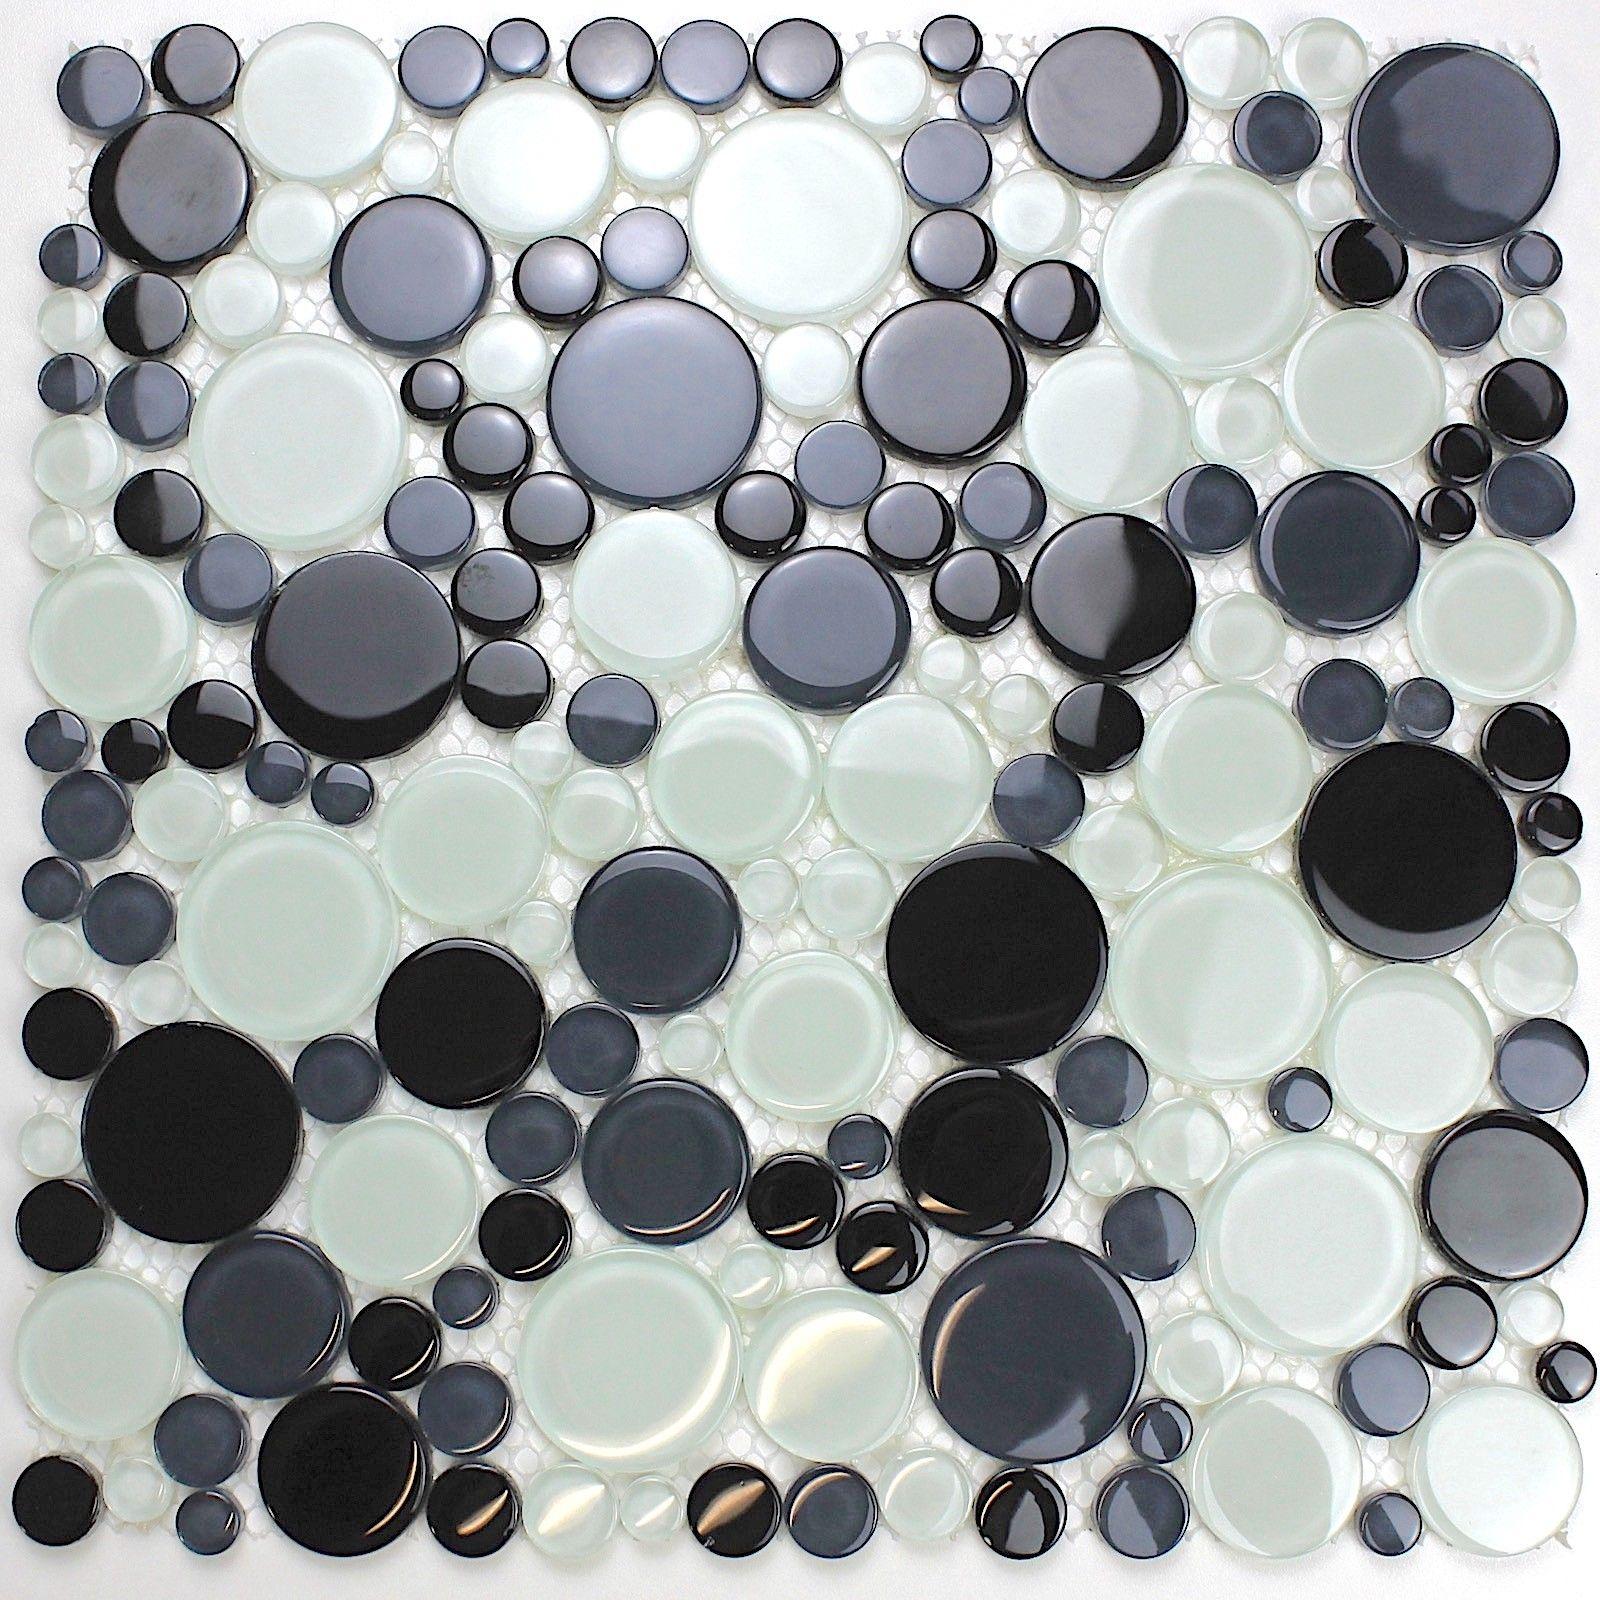 Mosaique Galet Sol Et Mur Pour Douche Et Salle De Bain RONDA - Carrelage sol salle de bain galet